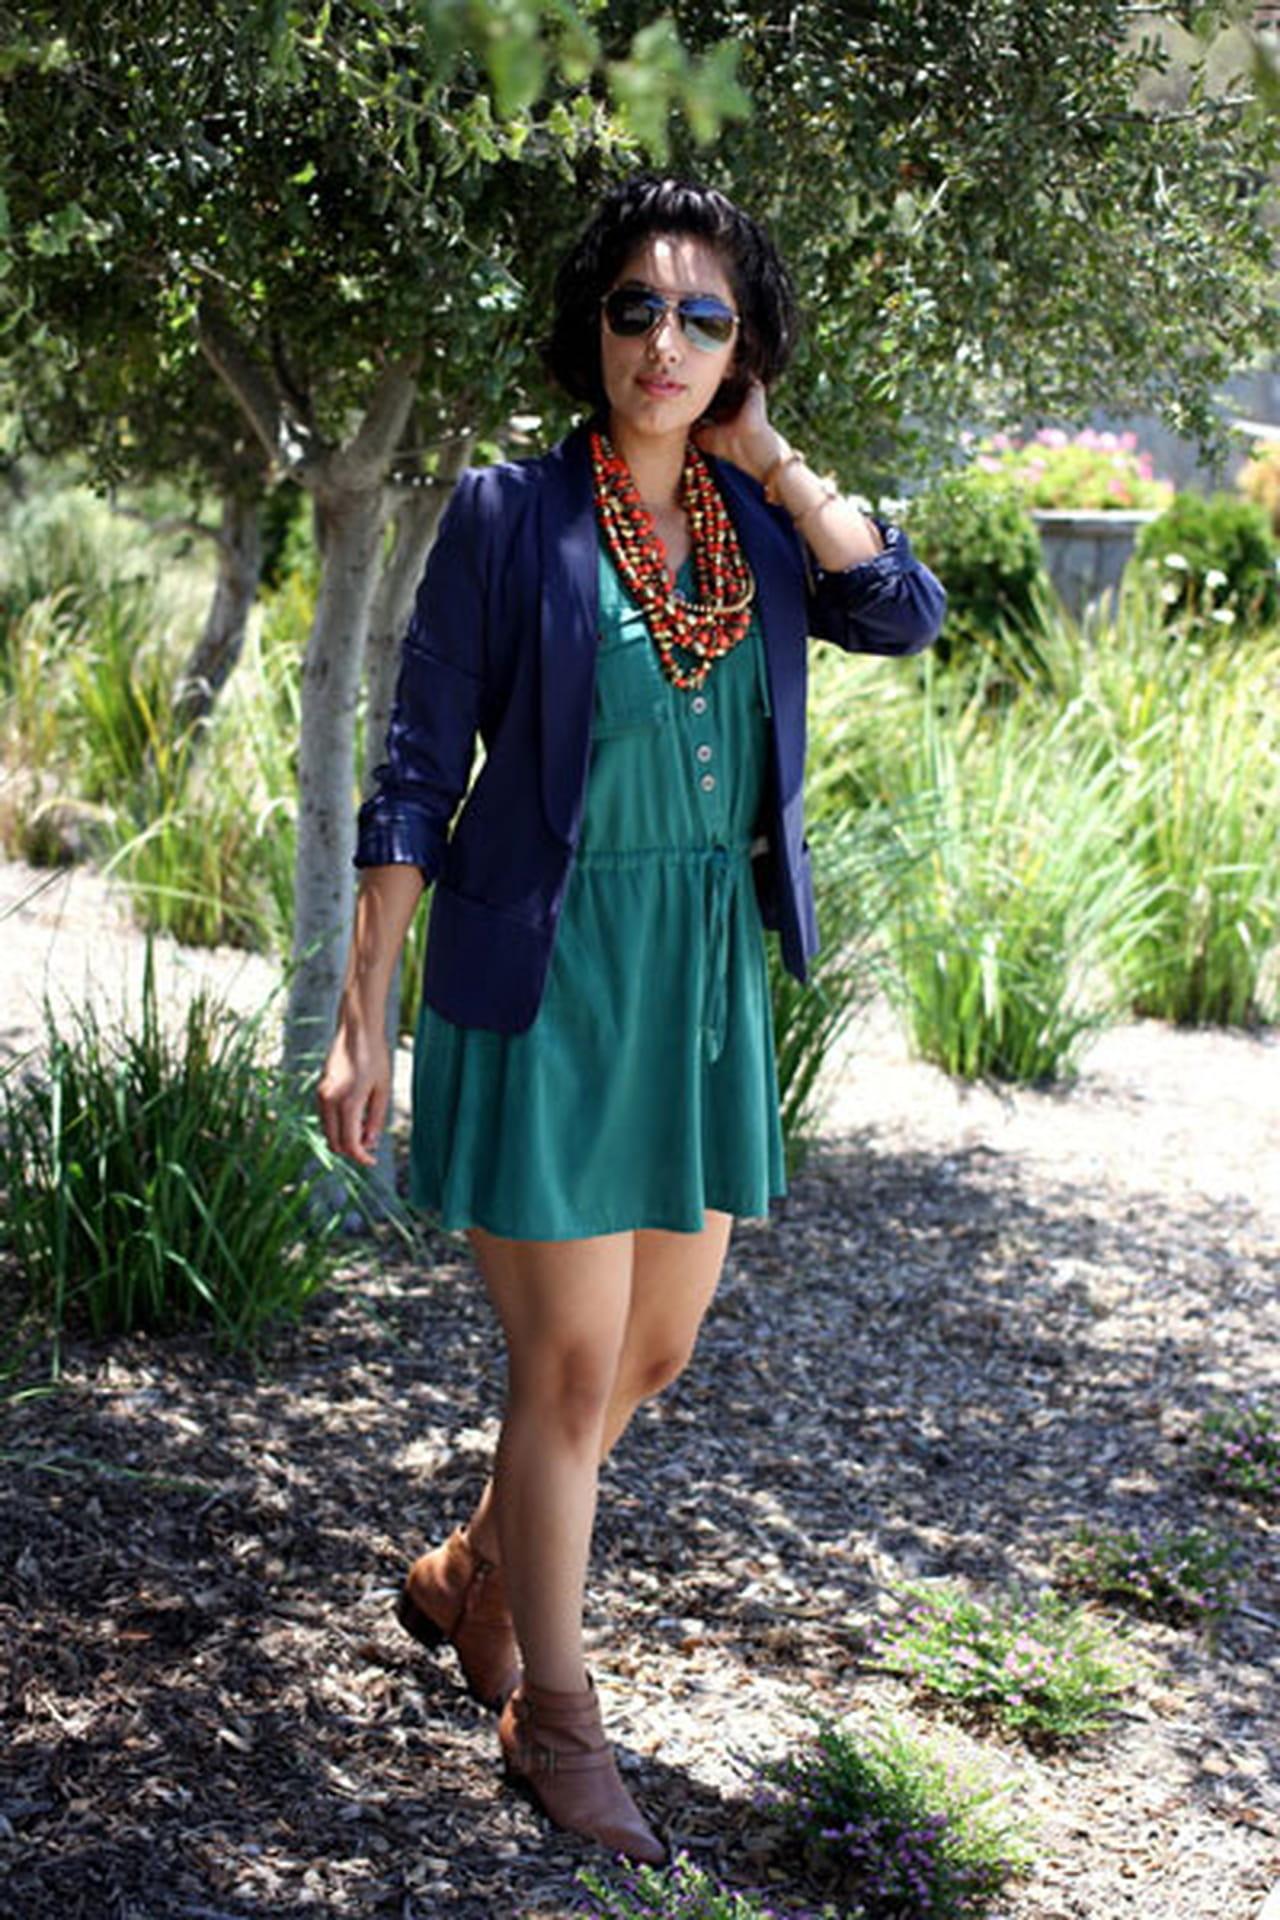 e0e1a809b6438 يمكنك المزج بين الأخضر والأزرق لطلة مميزة، الفستان الأخضر مع بليزر أزرق كما  بالصورة. إذا إخترتي السترة باللون ...